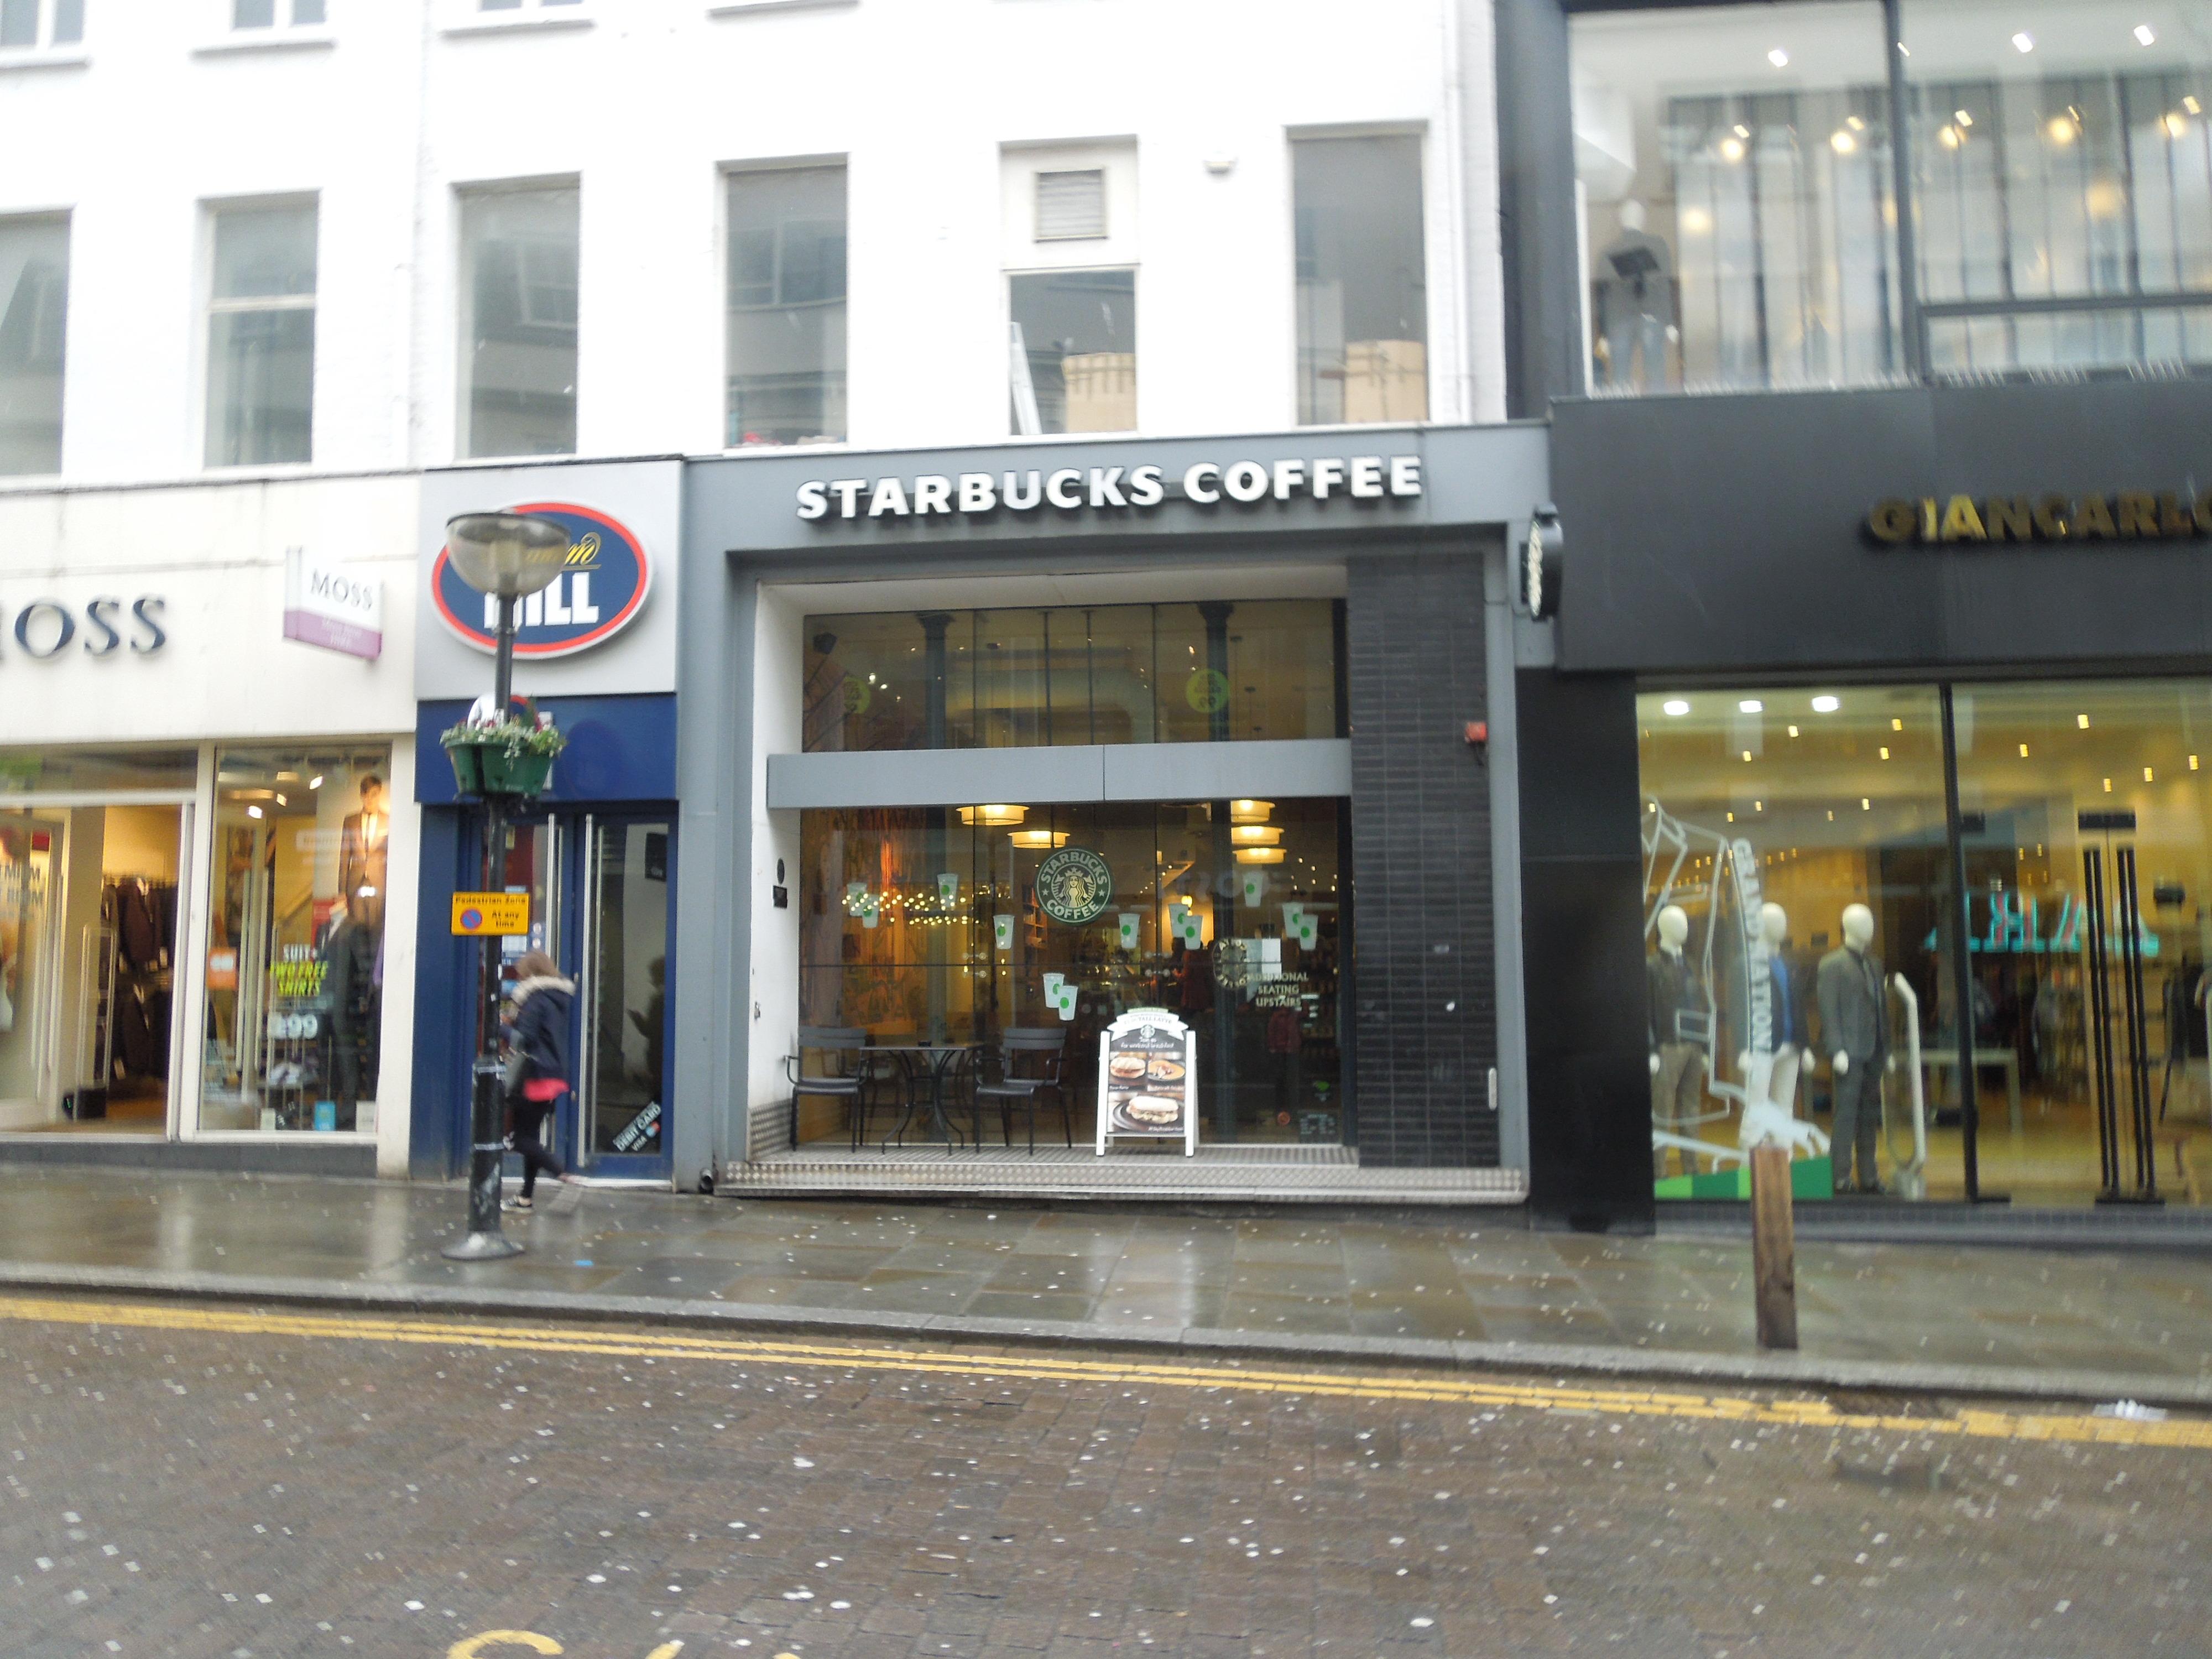 The Only Starbucks i